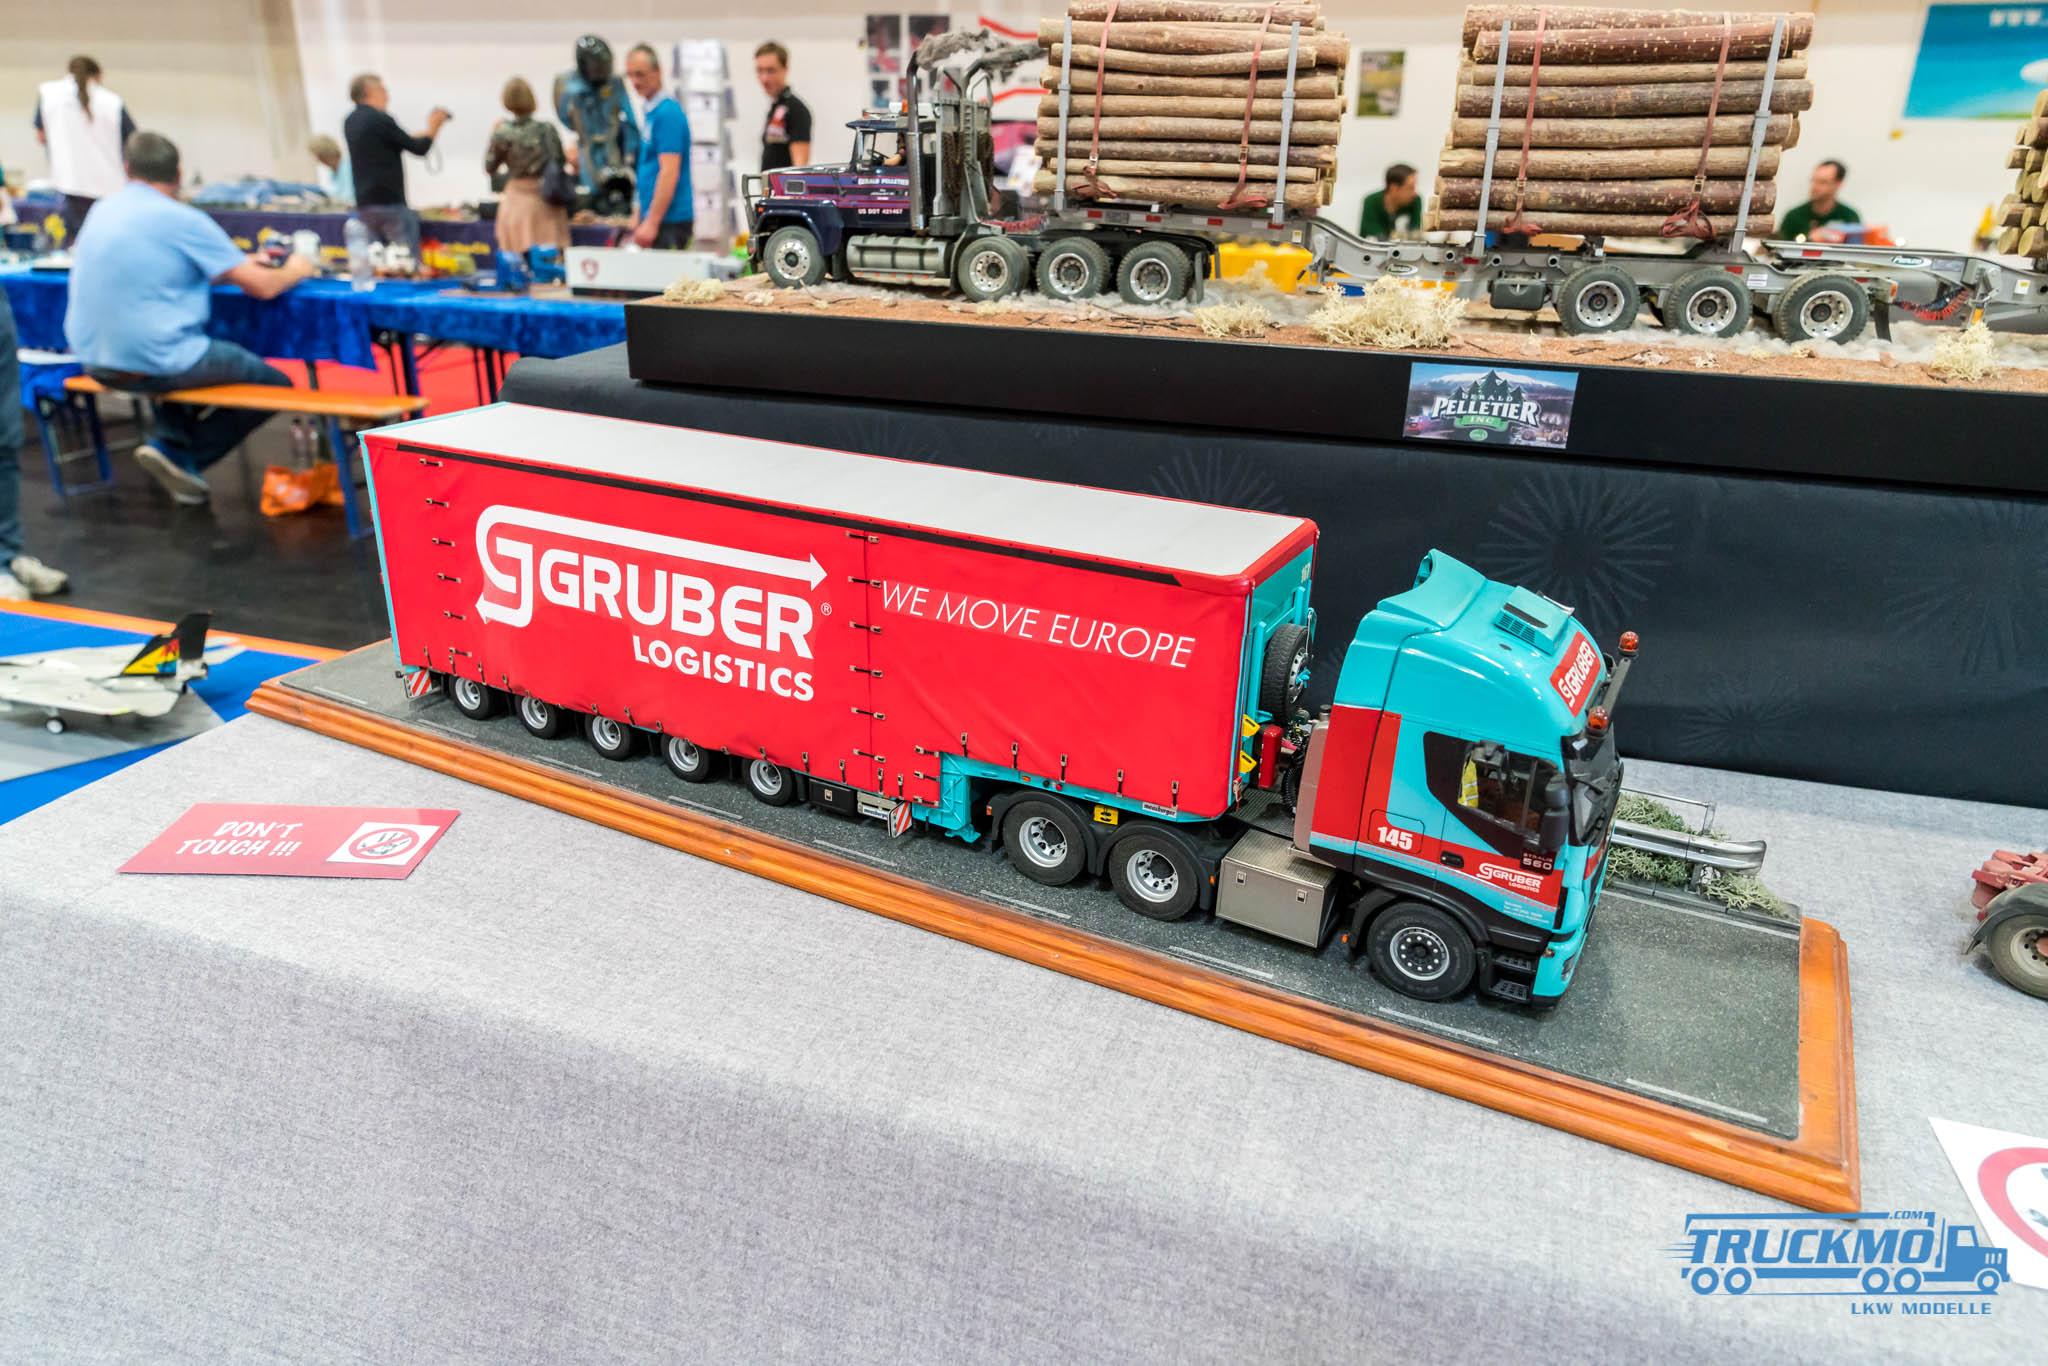 Truckmo_Modellbau_Ried_2017_Herpa_Messe_Modellbauausstellung (394 von 1177)